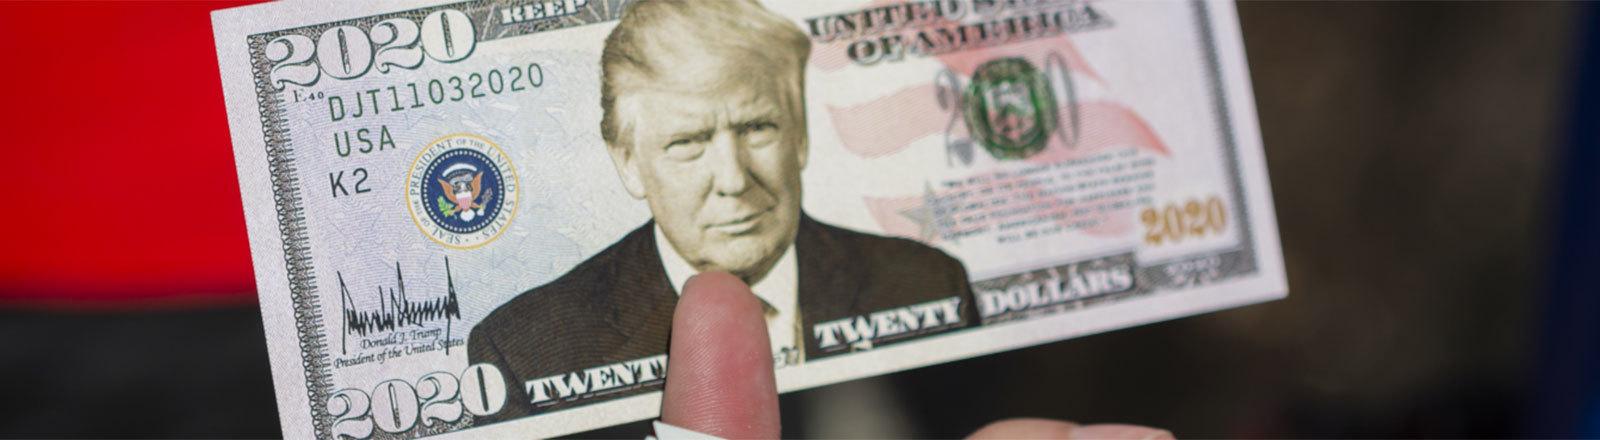 Eine Geldnote mit dem Konterfei Donald Trumps